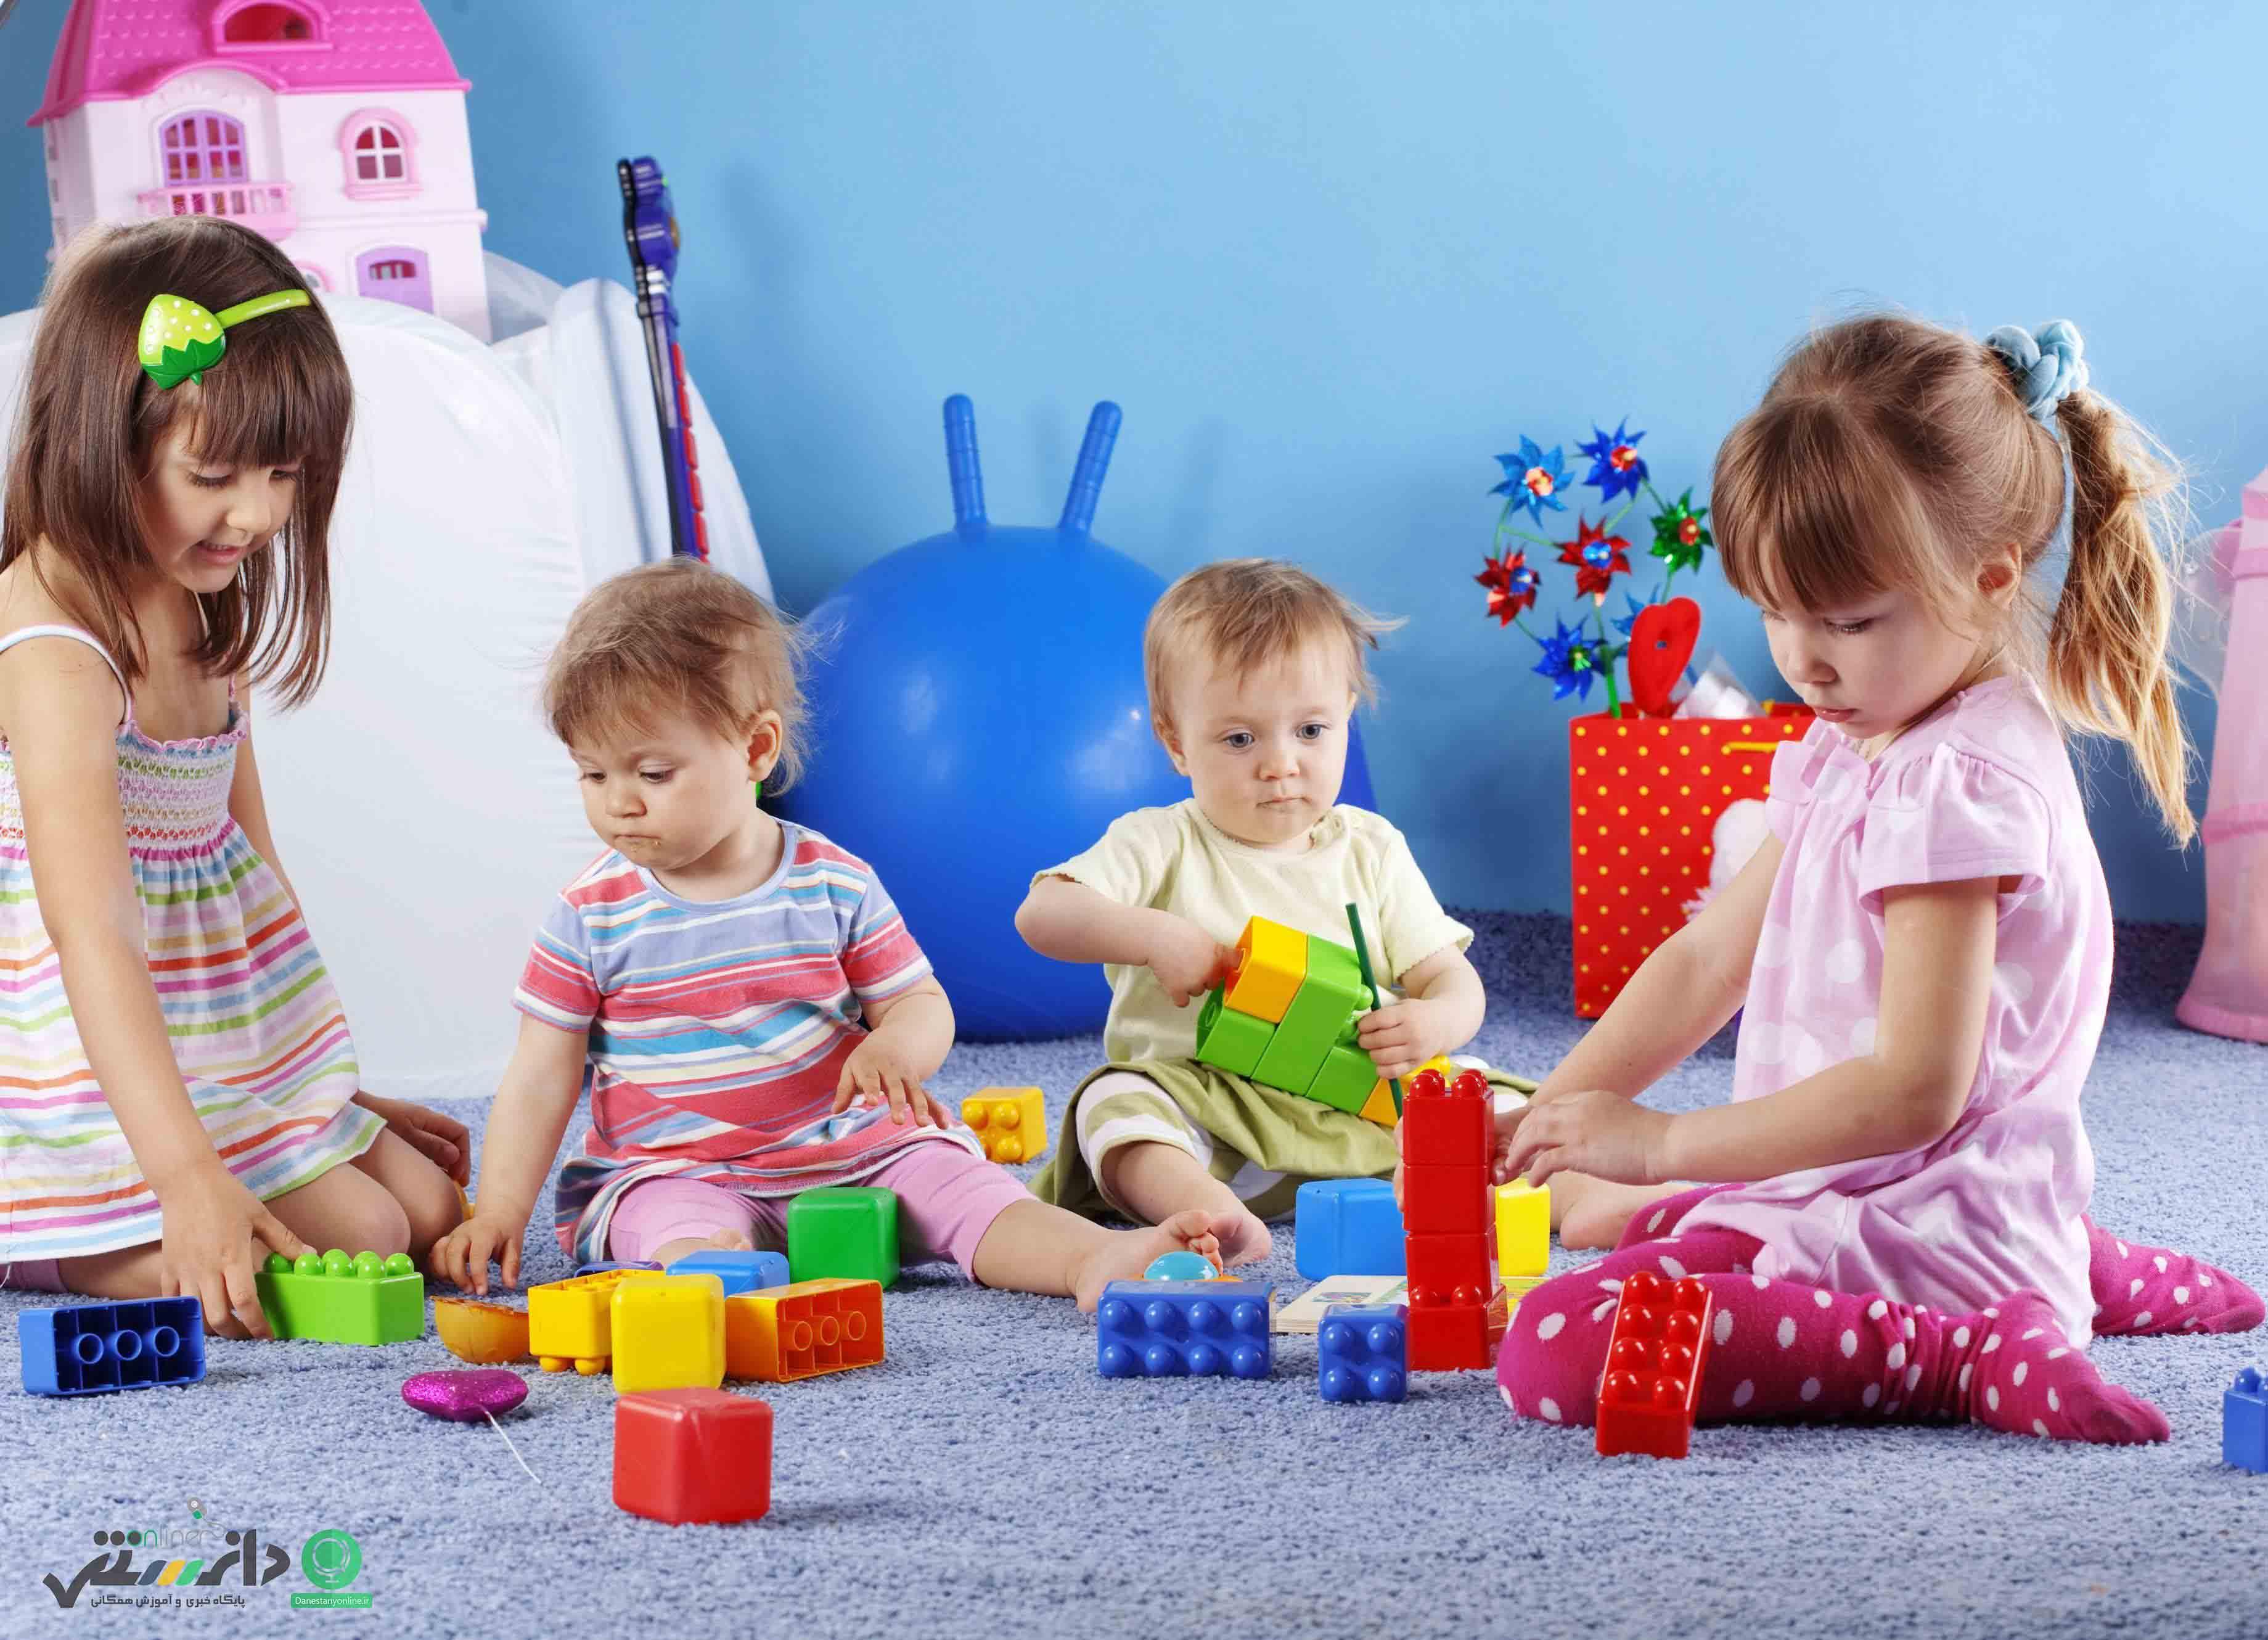 بازی کودکان و تربیت فرزندان- پایگاه دانستنی آنلاین